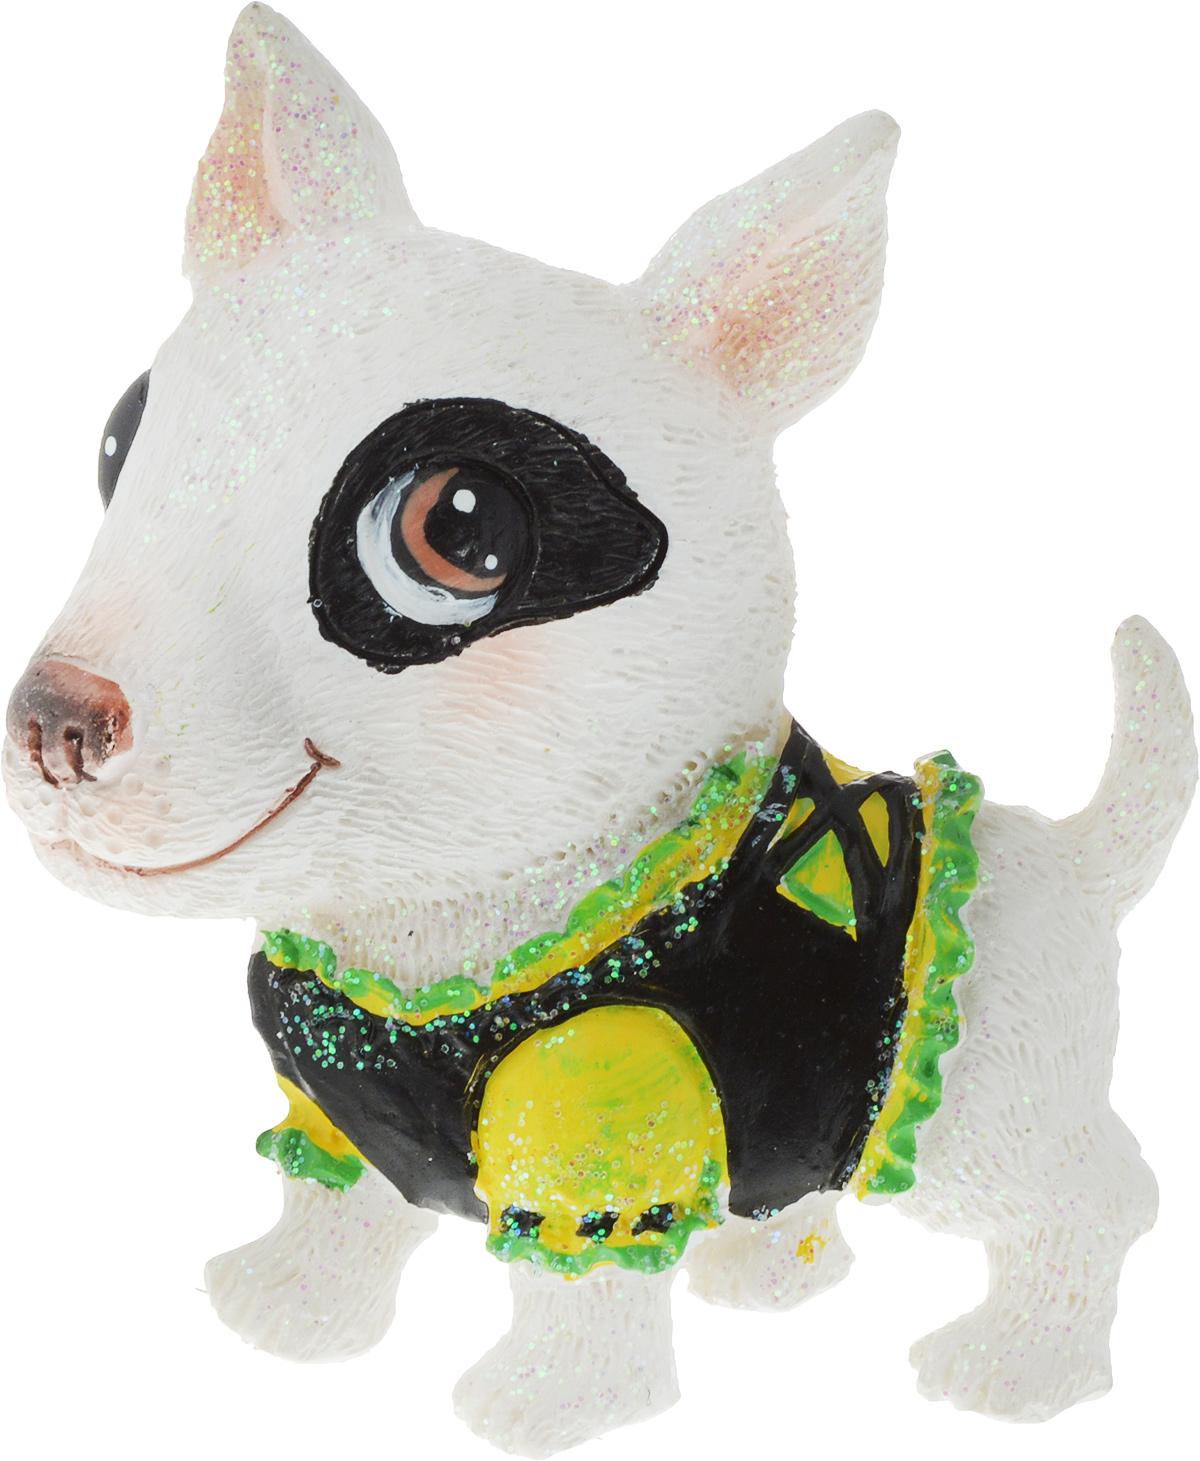 Сувенир новогодний Erich Krause Собака в костюме, на магните, цвет: белый, 6 см сувенир магнитик магнит 6 5 6 5см приколы если я вас напрягаю или раздражаю